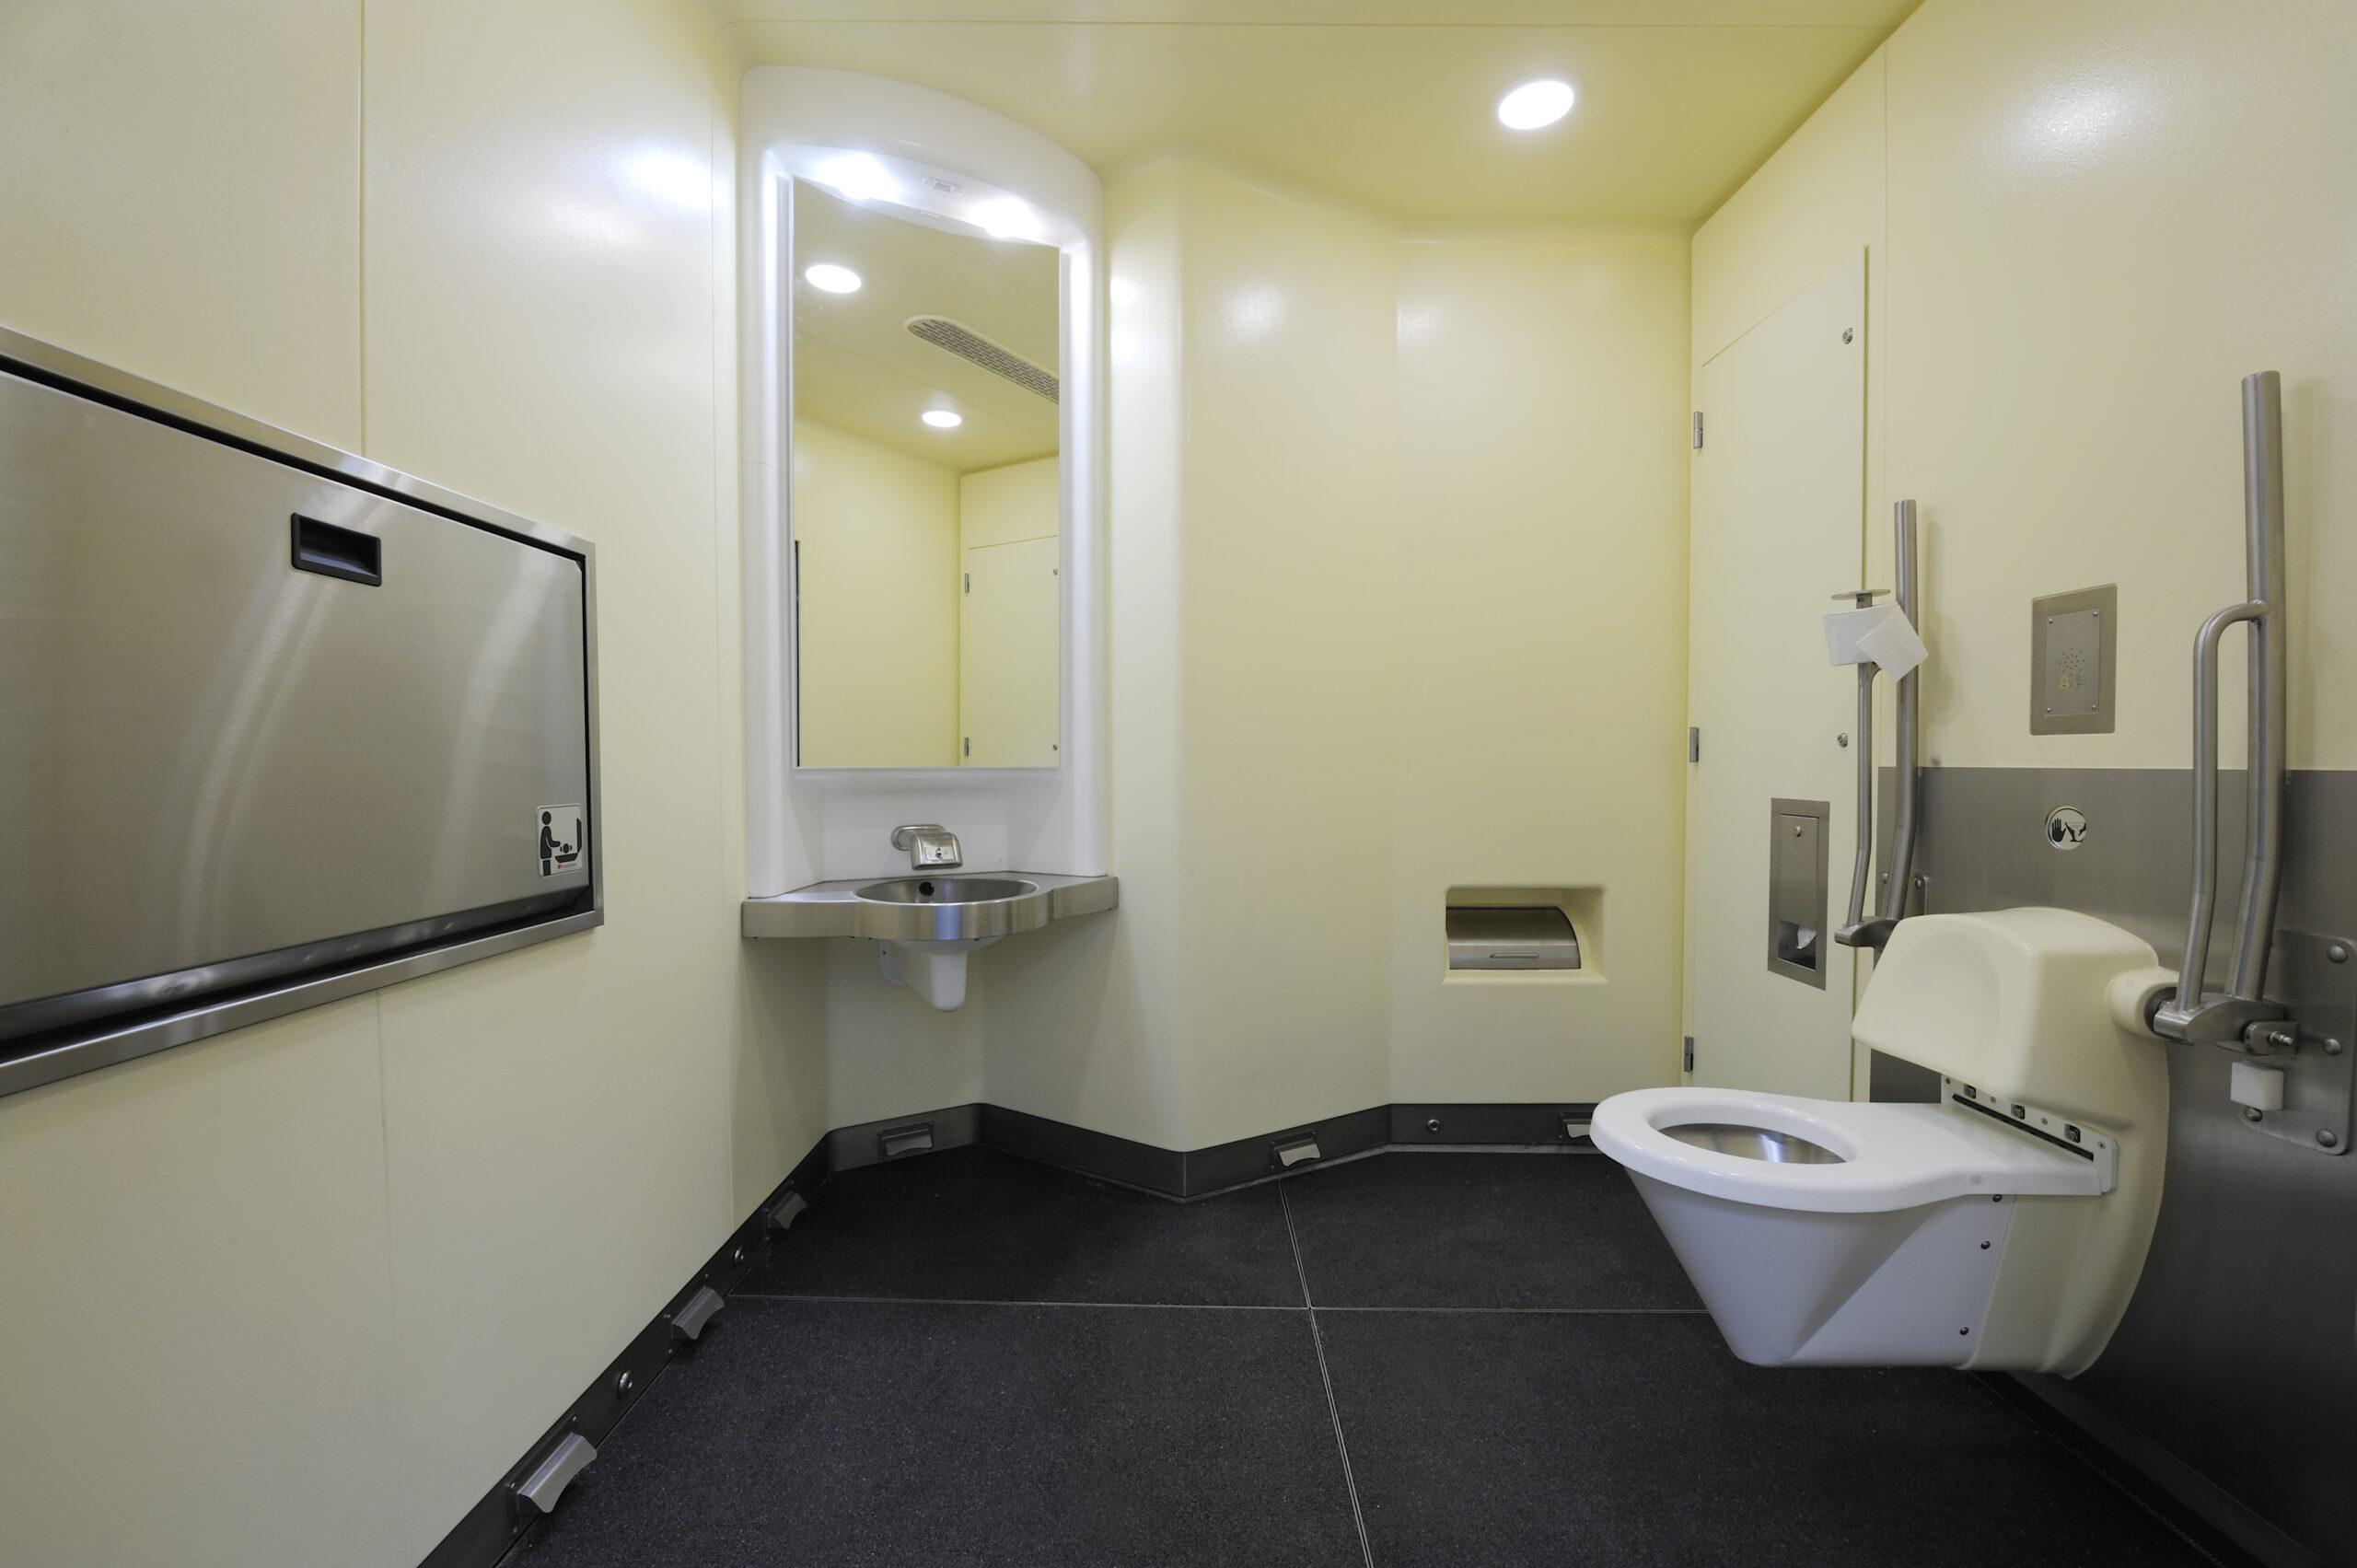 De toiletunit van SaniTronics in Zweden.